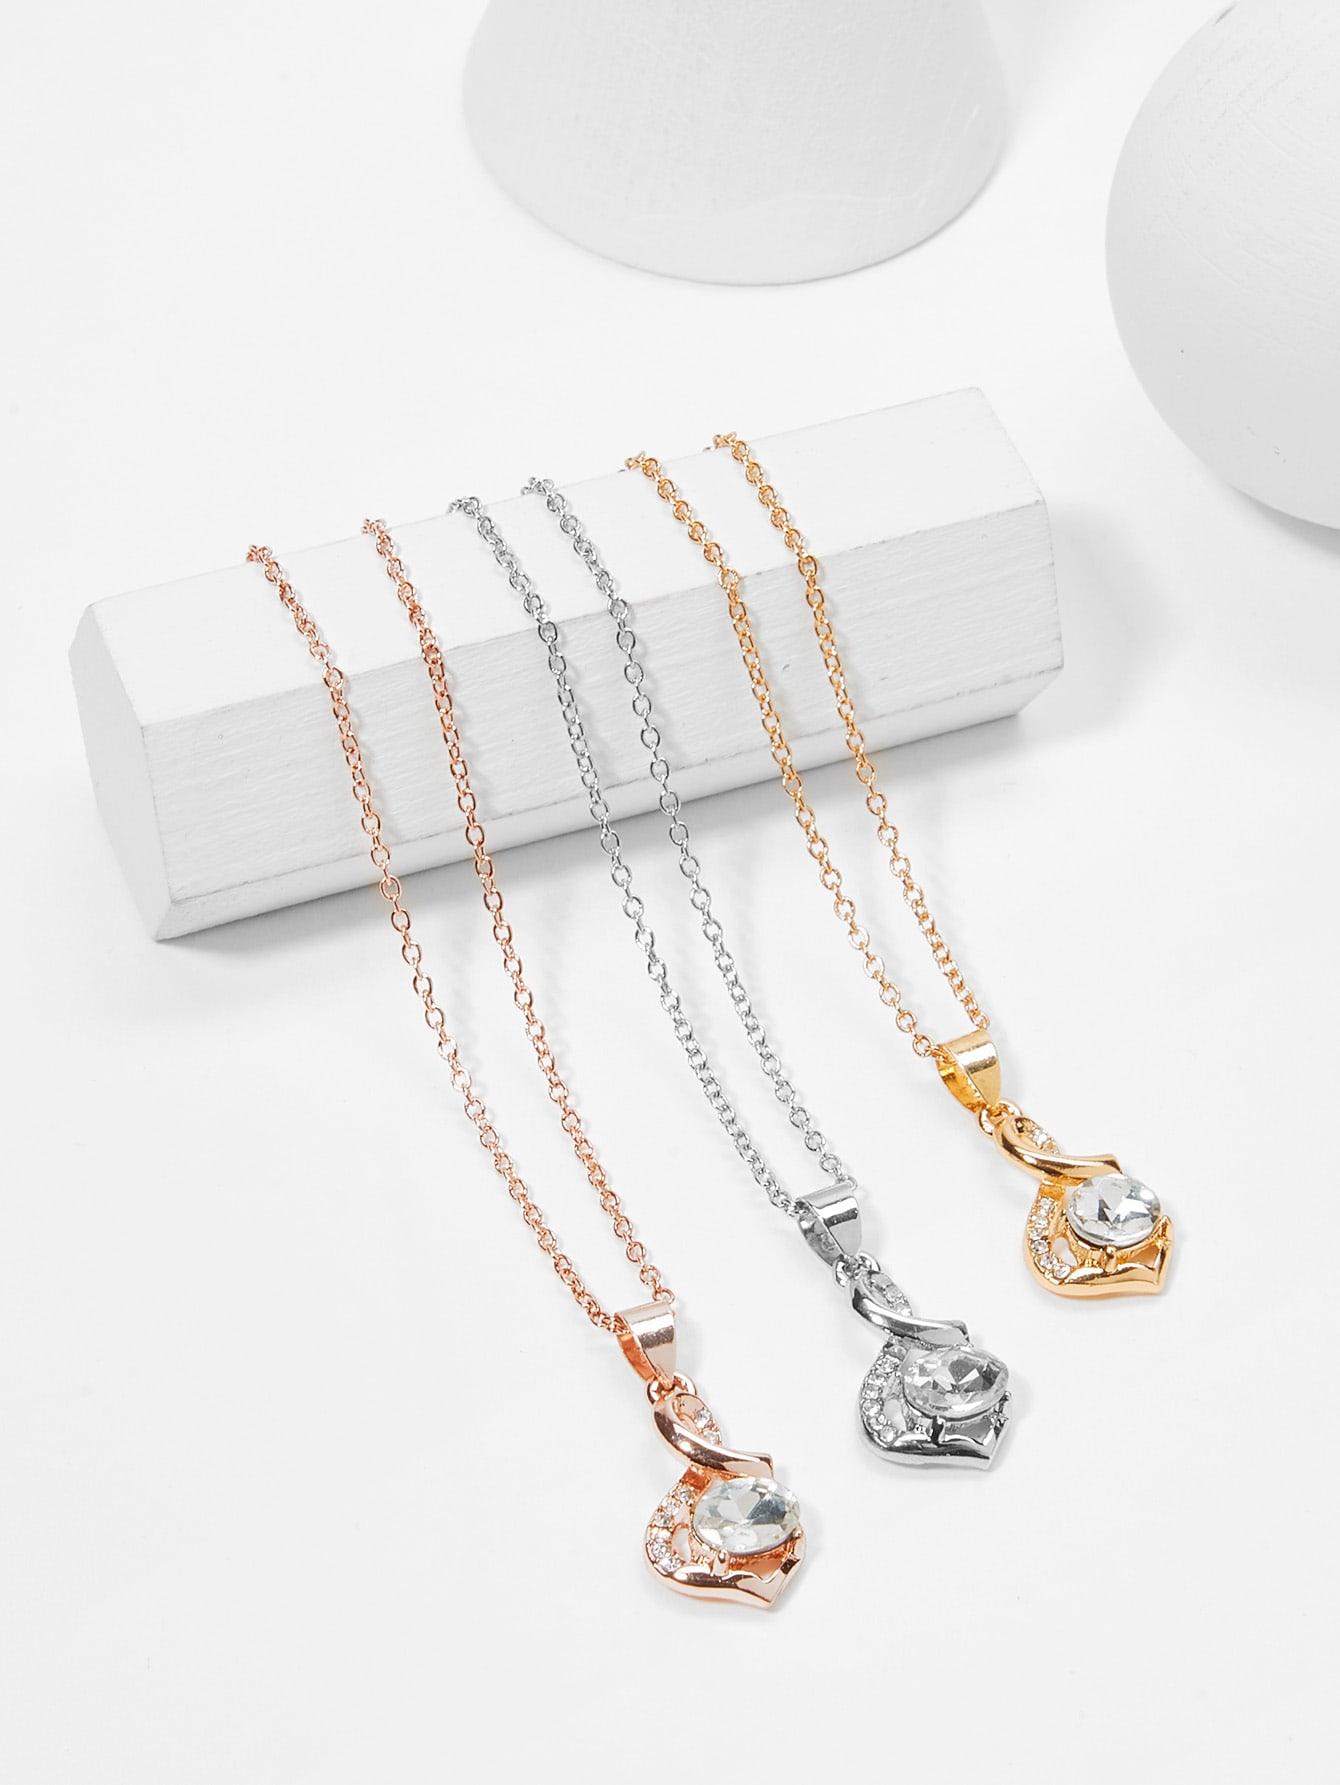 Twist Detail Pendant Necklace Set 3pcs hollow heart pendant necklace set 3pcs